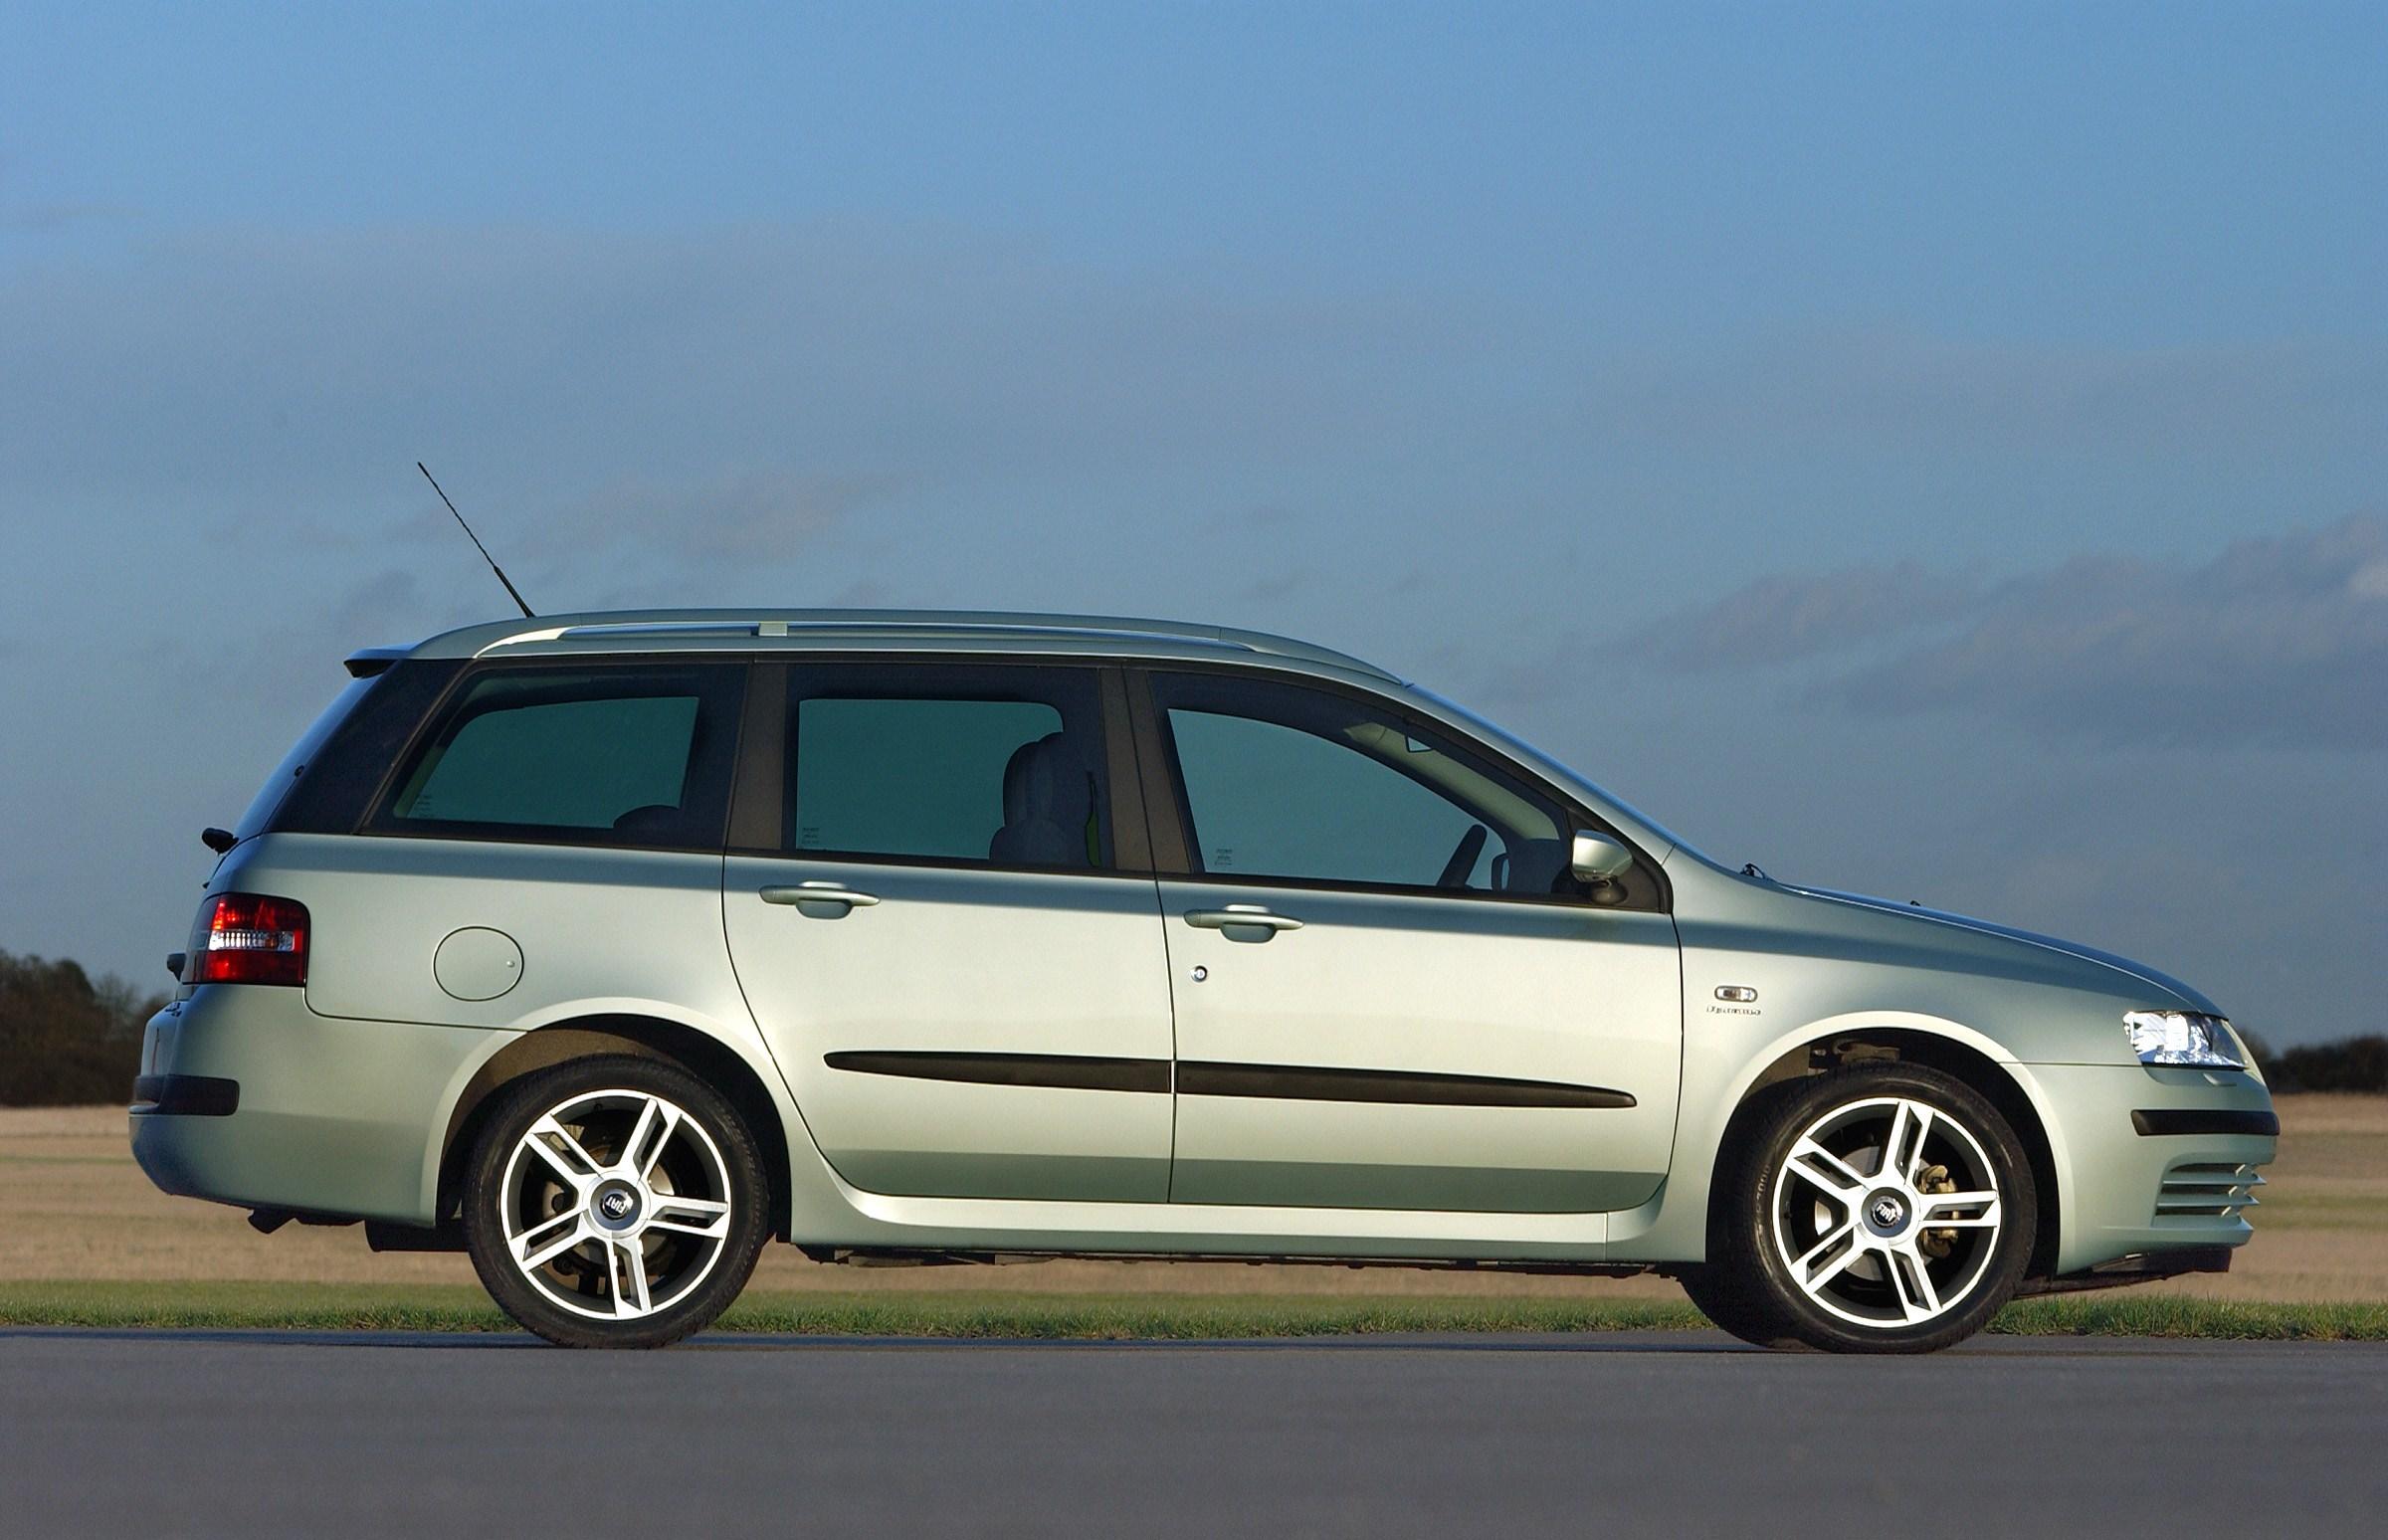 2002 Fiat Stilo Multi Wagon Picture 39827